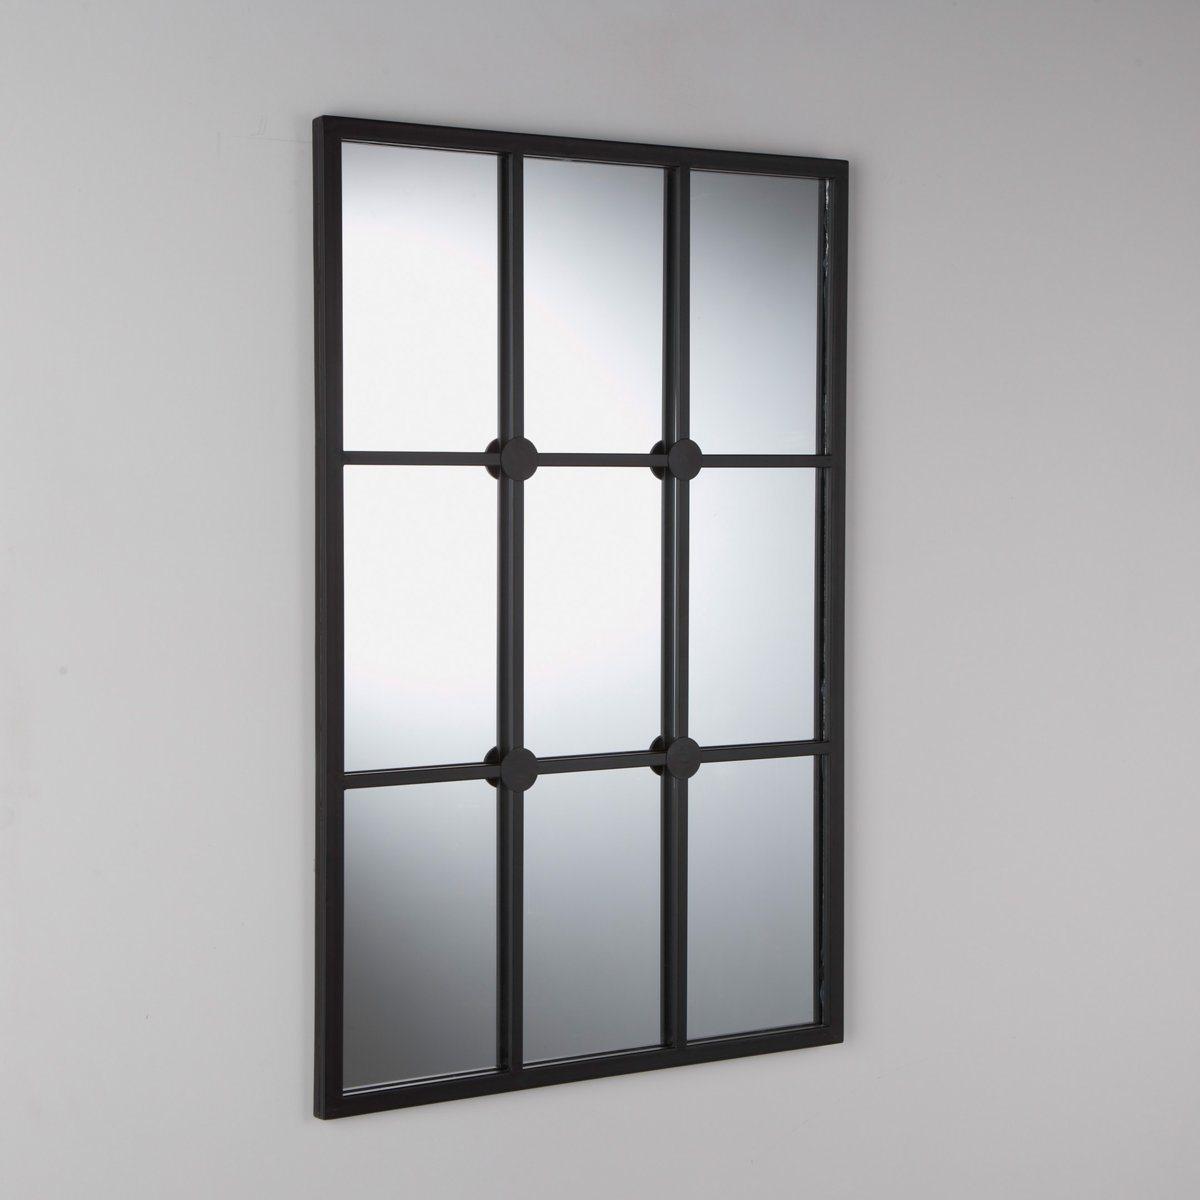 Зеркало-имитация окна LenaigХарактеристики зеркала Lenaig:  Окрашенный металл, отделка черного матового цвета.                    Задник из МДФ черного цвета.                    2 настенных крепления, винты и крепления продаются отдельно.                                                                                      Найдите всю коллекцию Alaria на сайте laredoute. ru.                                           Размеры зеркала Lenaig:                                          Ширина: 60 см.       Высота: 90 см.                                         Размеры и вес в упаковке:   Ш.68 x В.7,5 x Г.98 см.  10,3 кг.<br><br>Цвет: черный